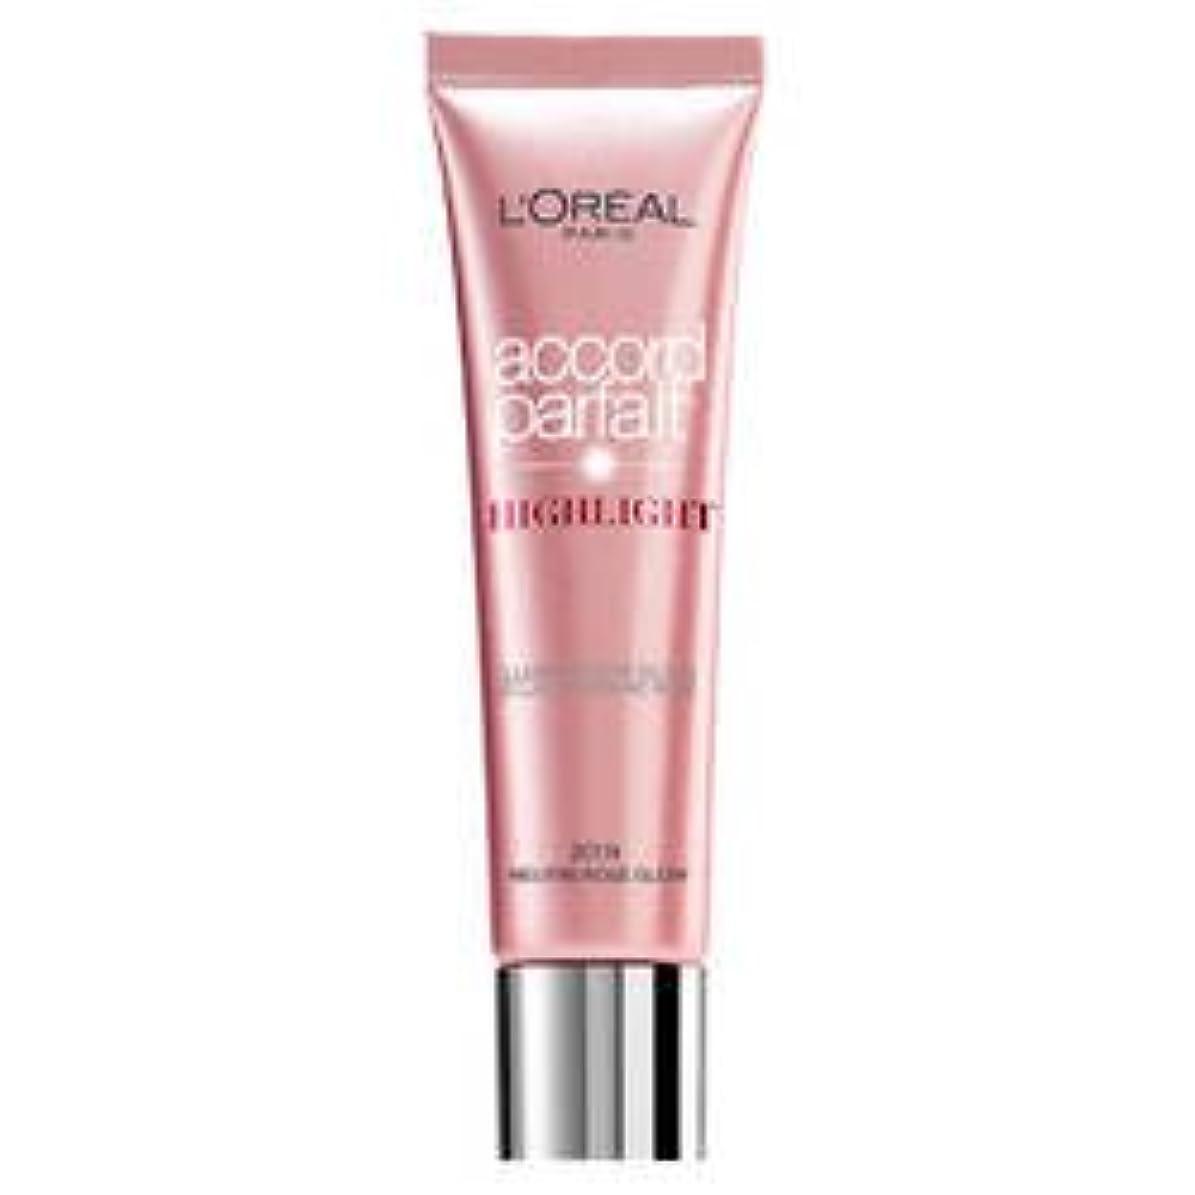 火星ずっとシビックL 'Oréal Paris - ACCORD PARFAIT Highlight Enlumineur Liquide - 201 Rose